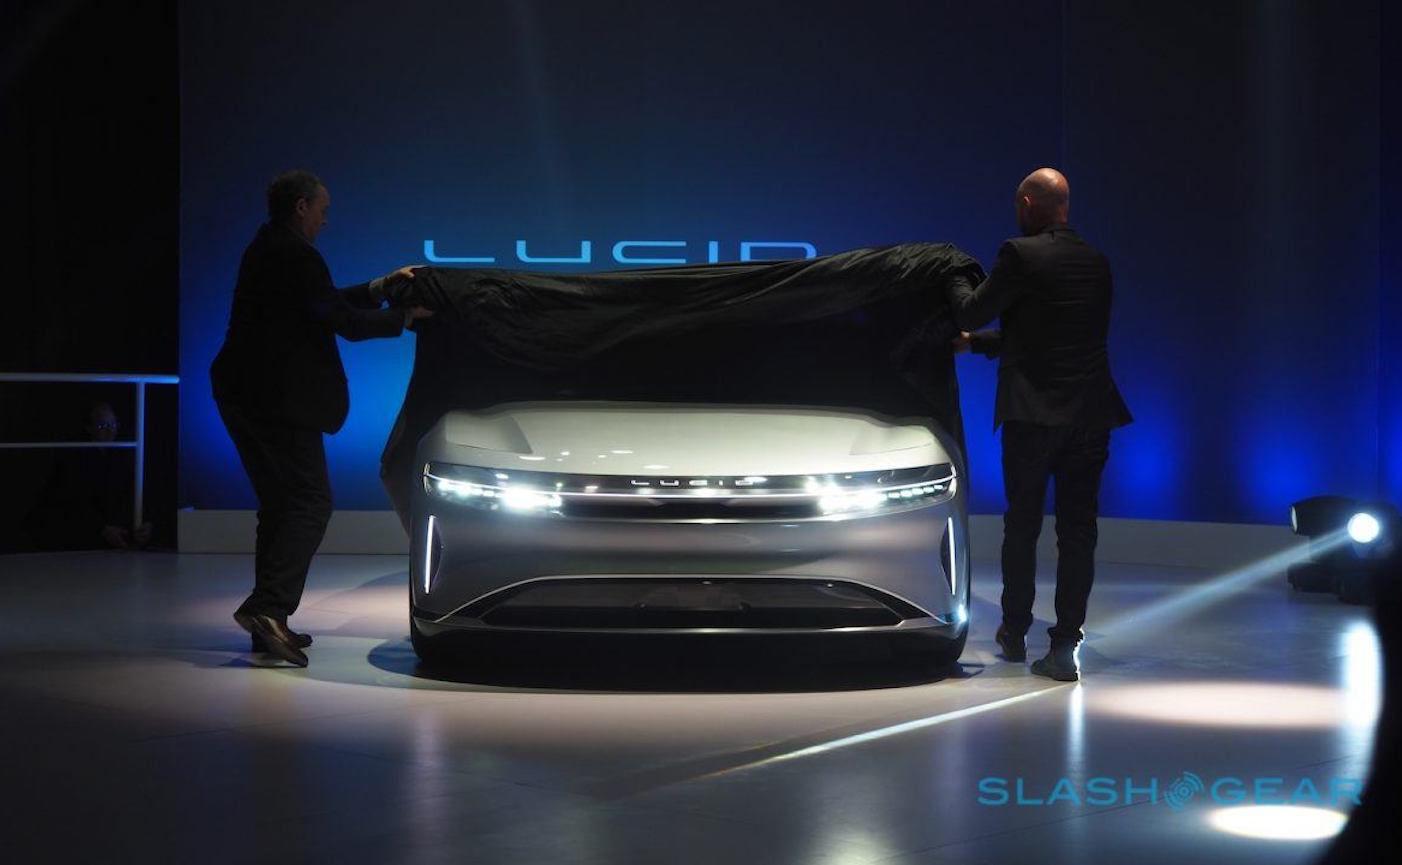 这家公司没有 CEO,却发布了比 Tesla 性能还好的电动汽车?